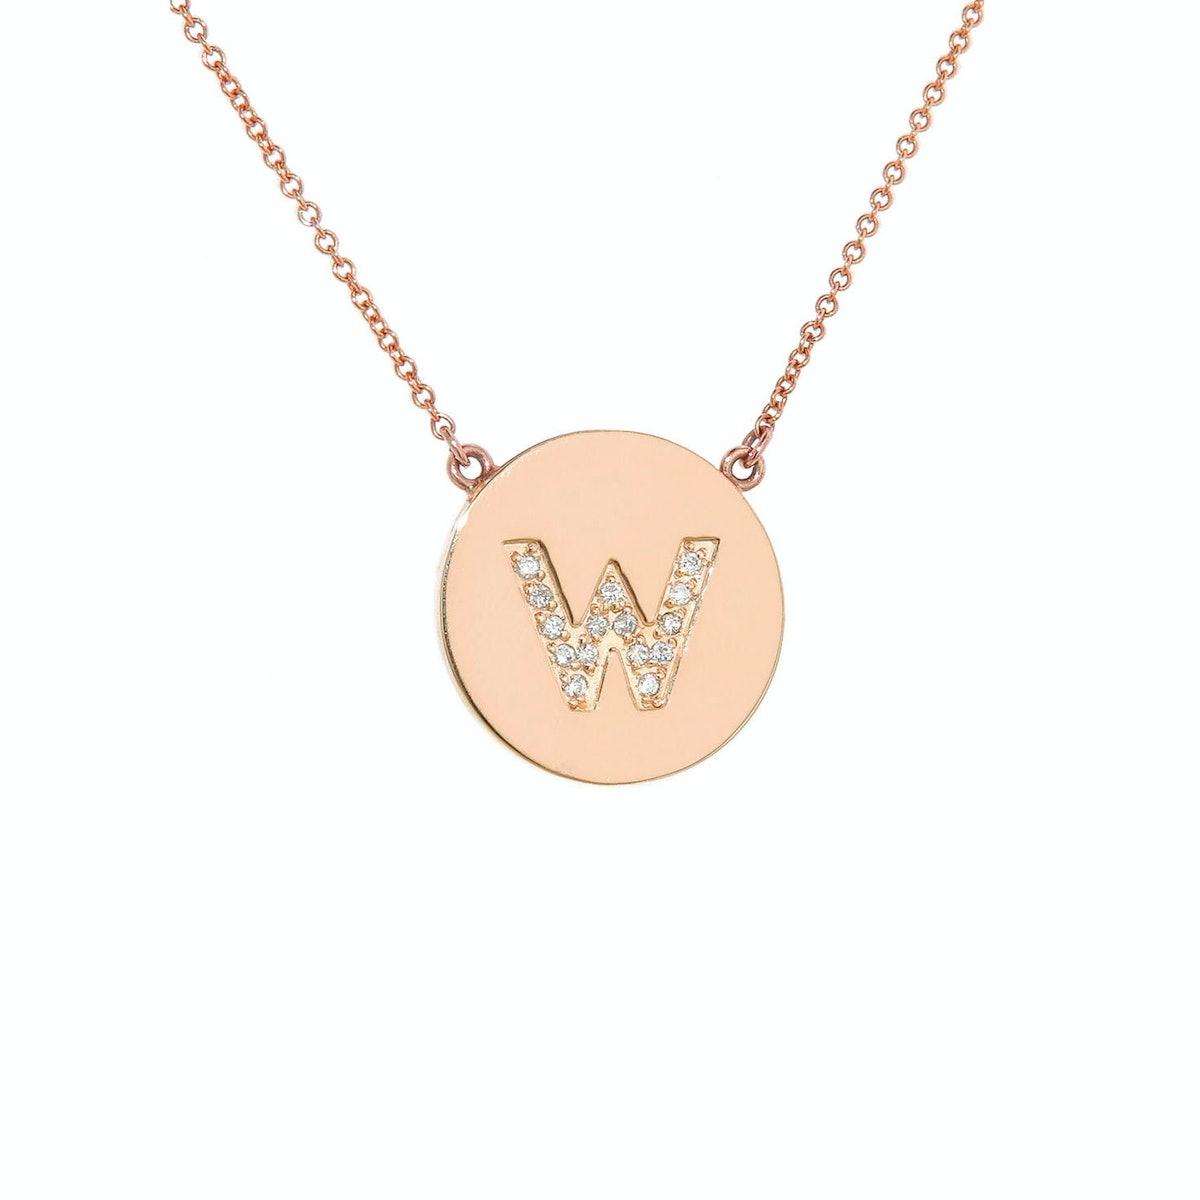 Jennifer Meyer rose gold and diamond necklace